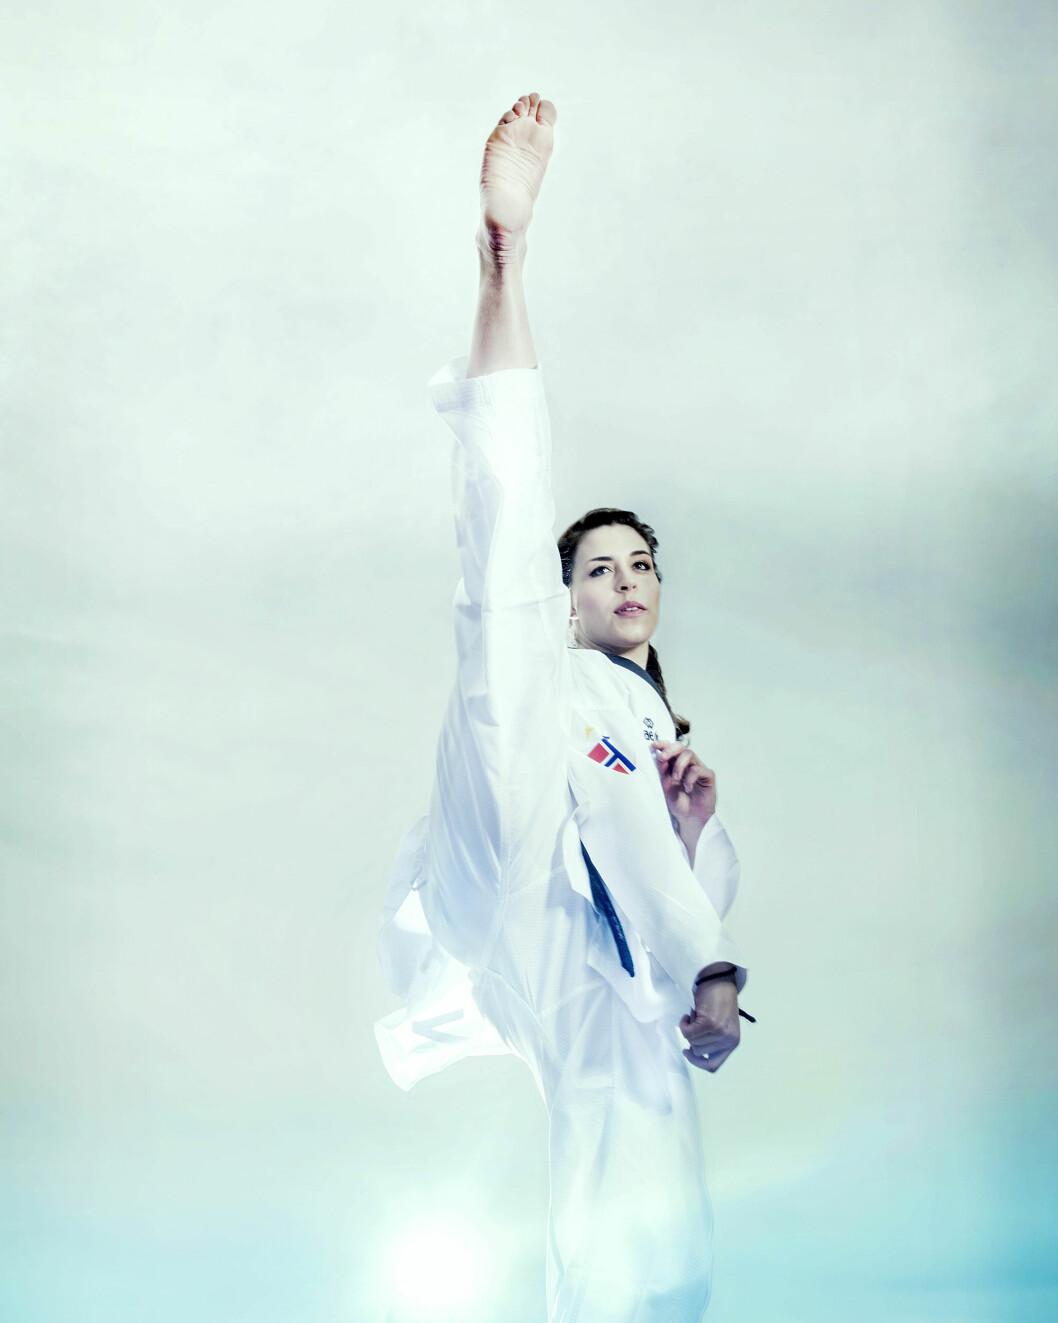 ENDELIG TILBAKE: Etter tre år helt ute av idretten er Tina Røe Skaar igjen medaljekandidat på internasjonale taekwondostevner. Foto: Julie Kristine Krøvel